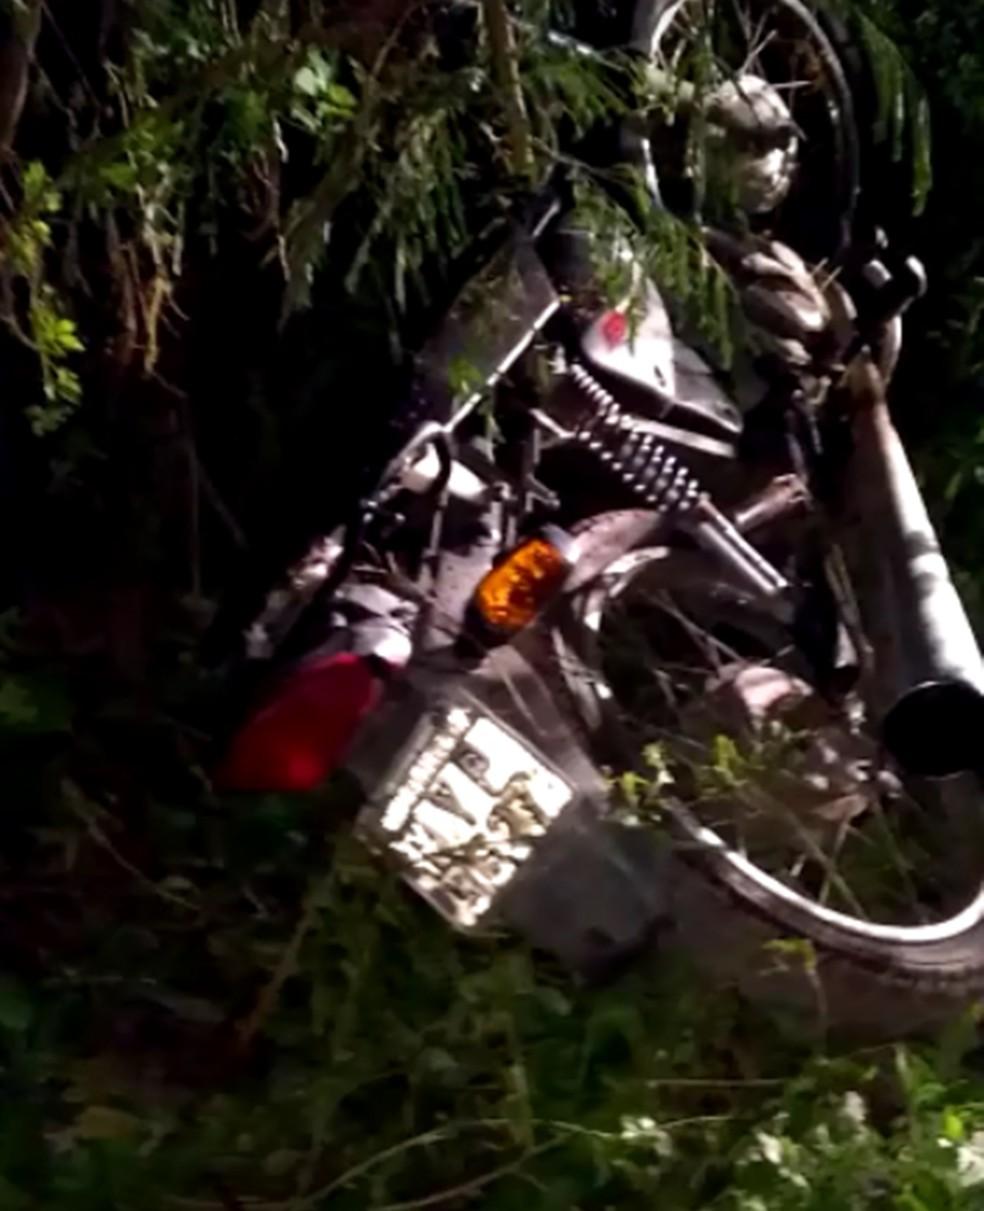 Moto em que a dupla estava ficou jogava no mato, na travessa onde aconteceu o crime — Foto: Redes Sociais